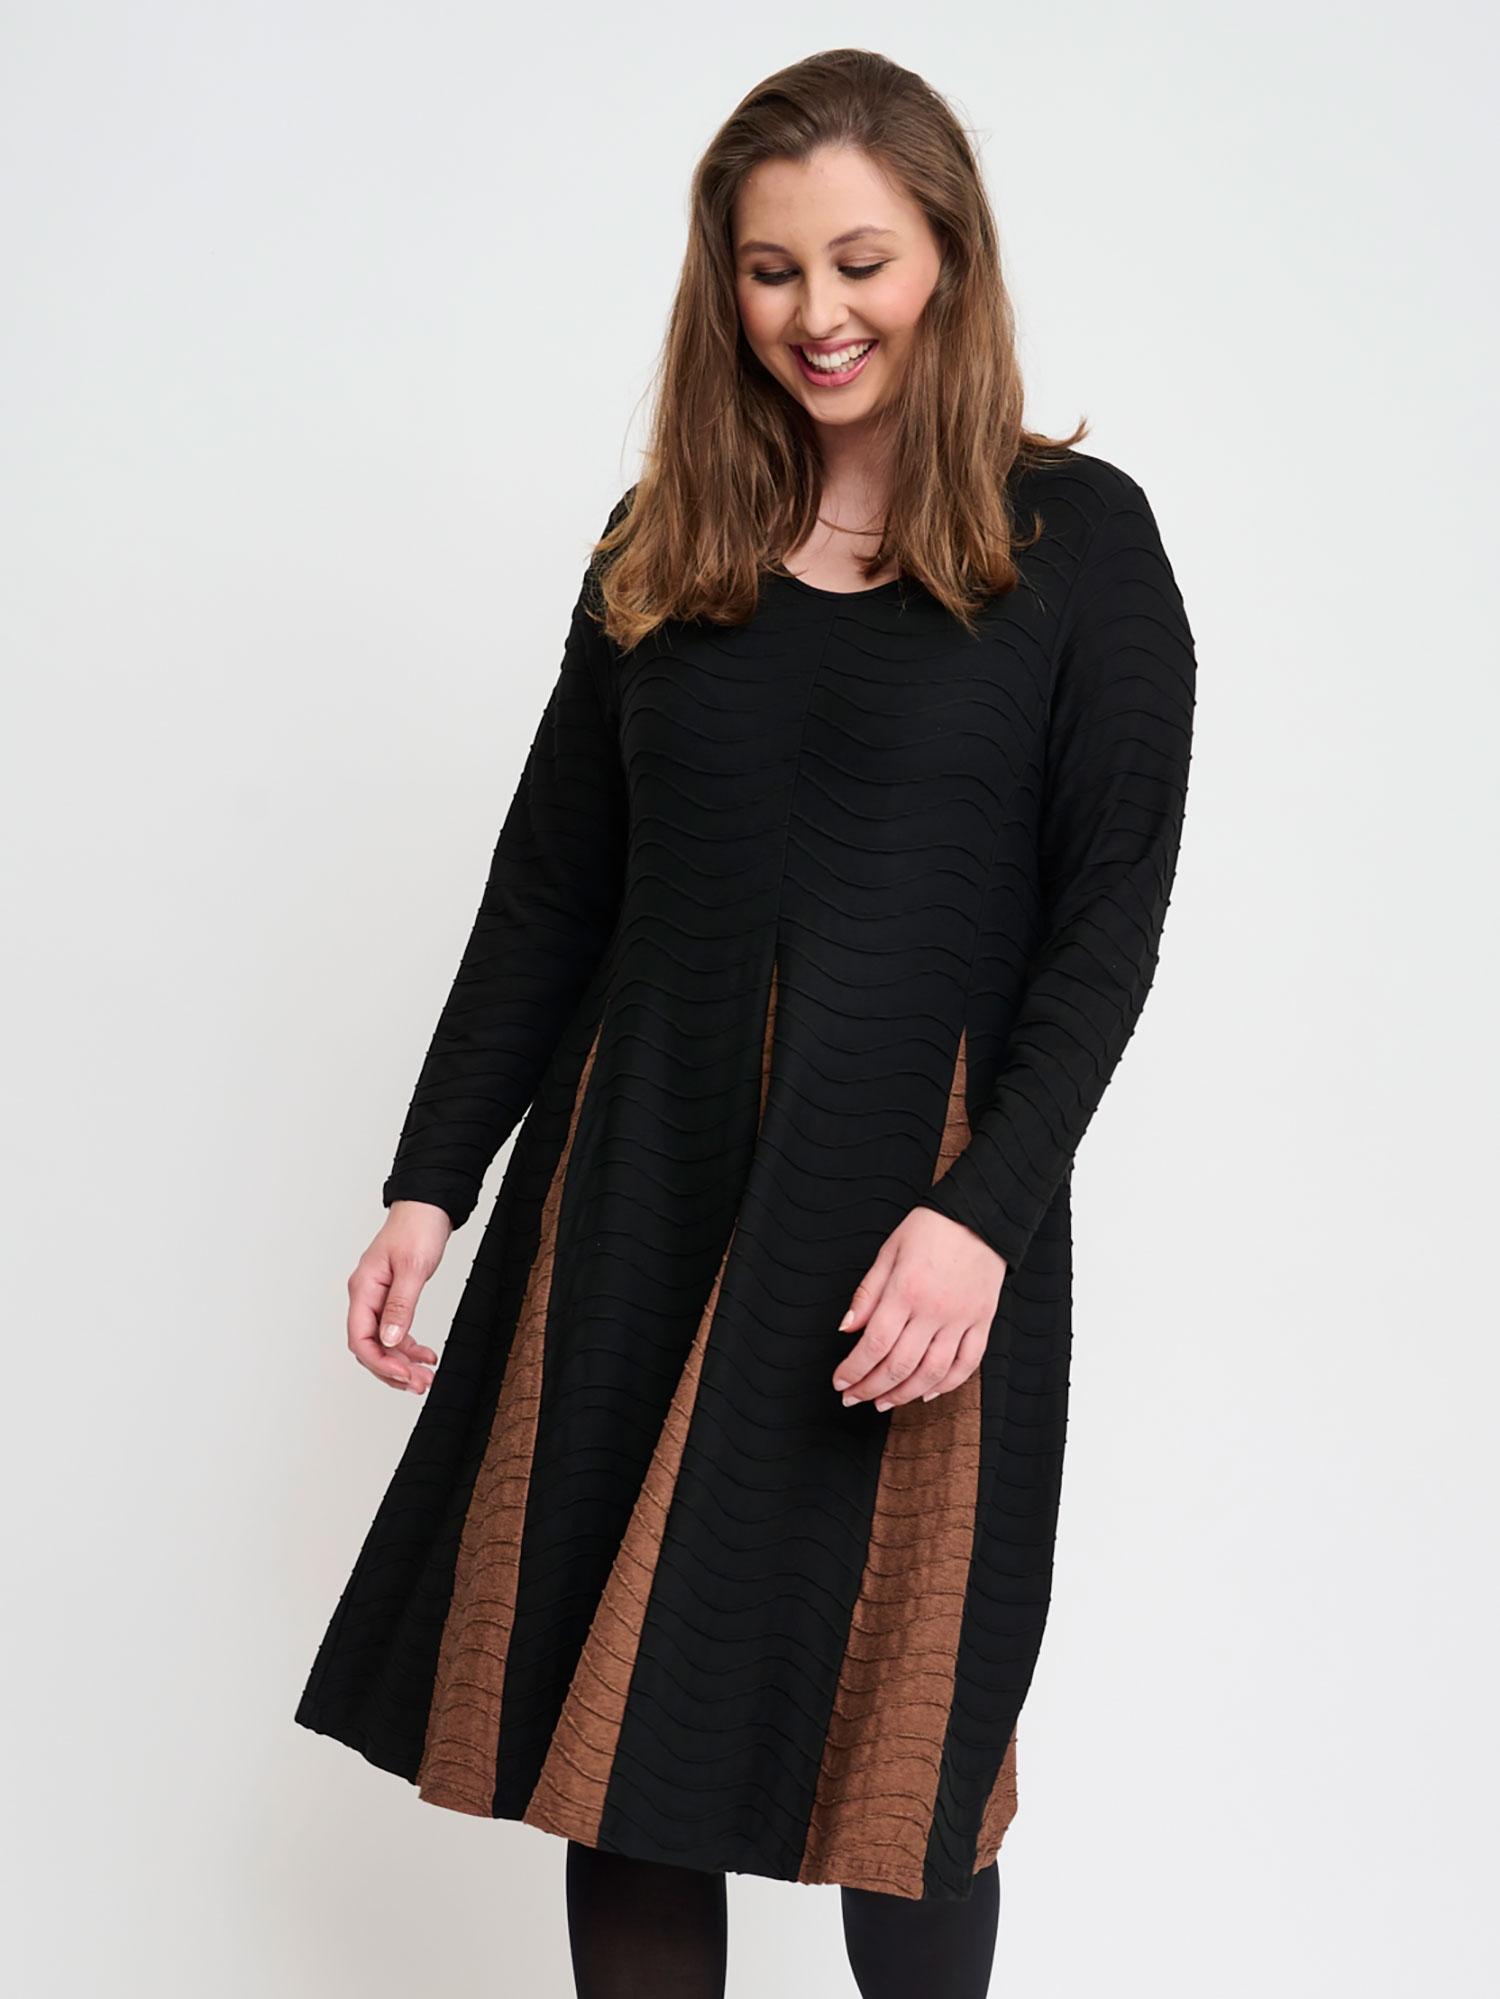 Pont Neuf Sort kjole med lange ærmer og smukt skørt, 40-42 / M